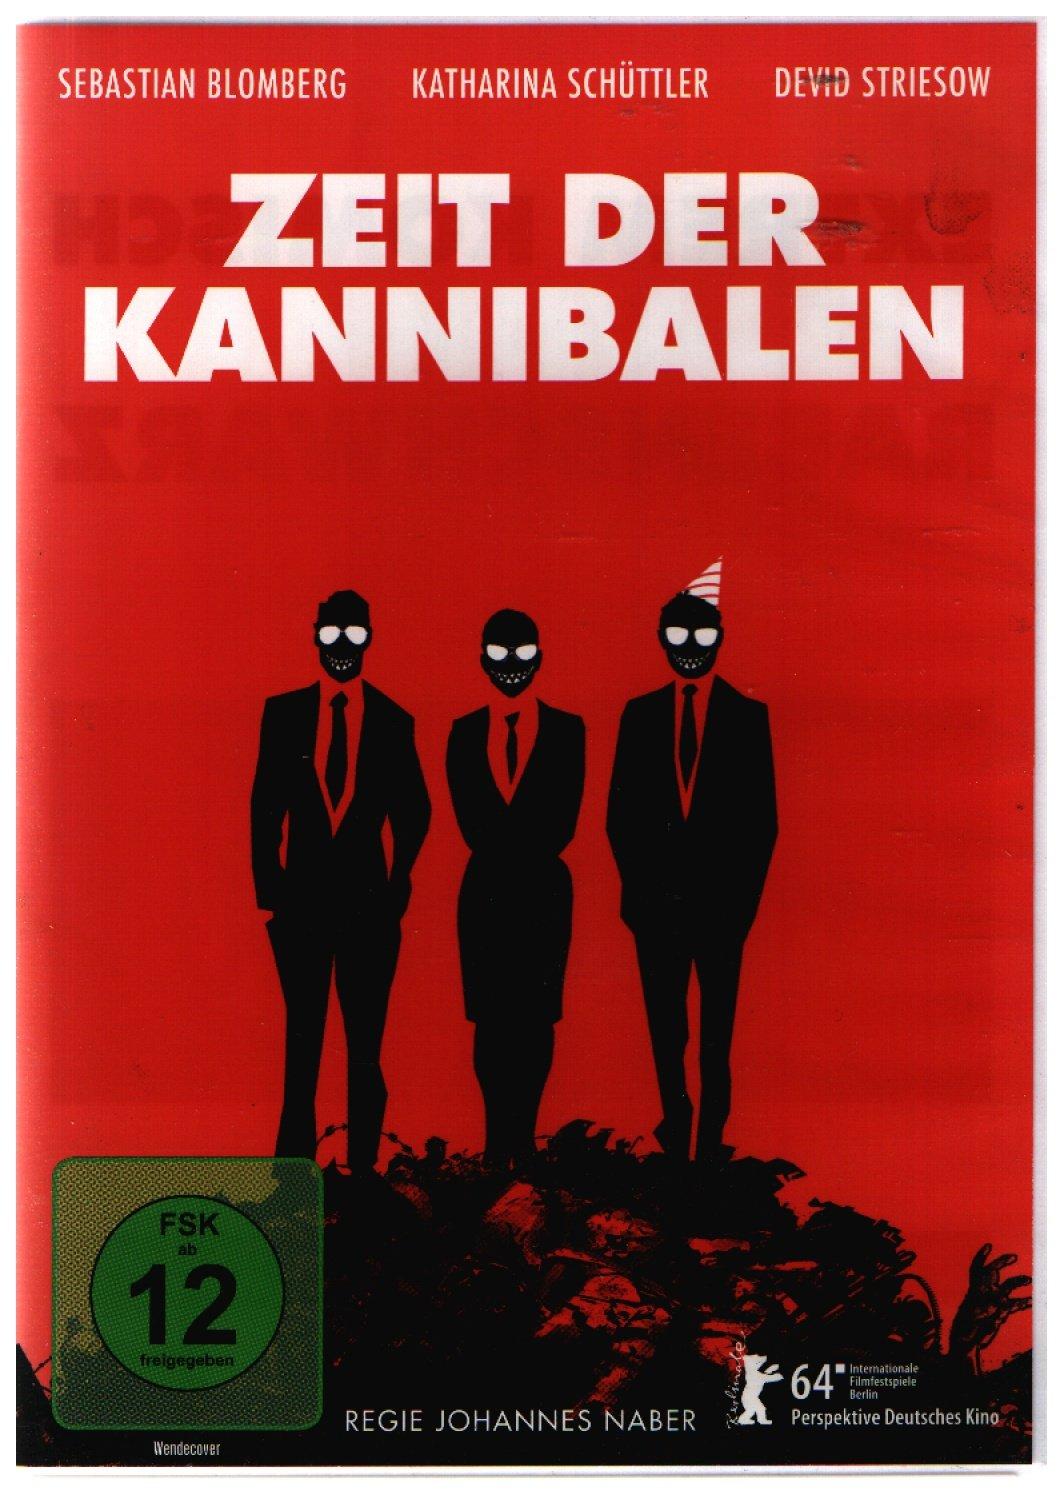 Kannibalen forum deutschland